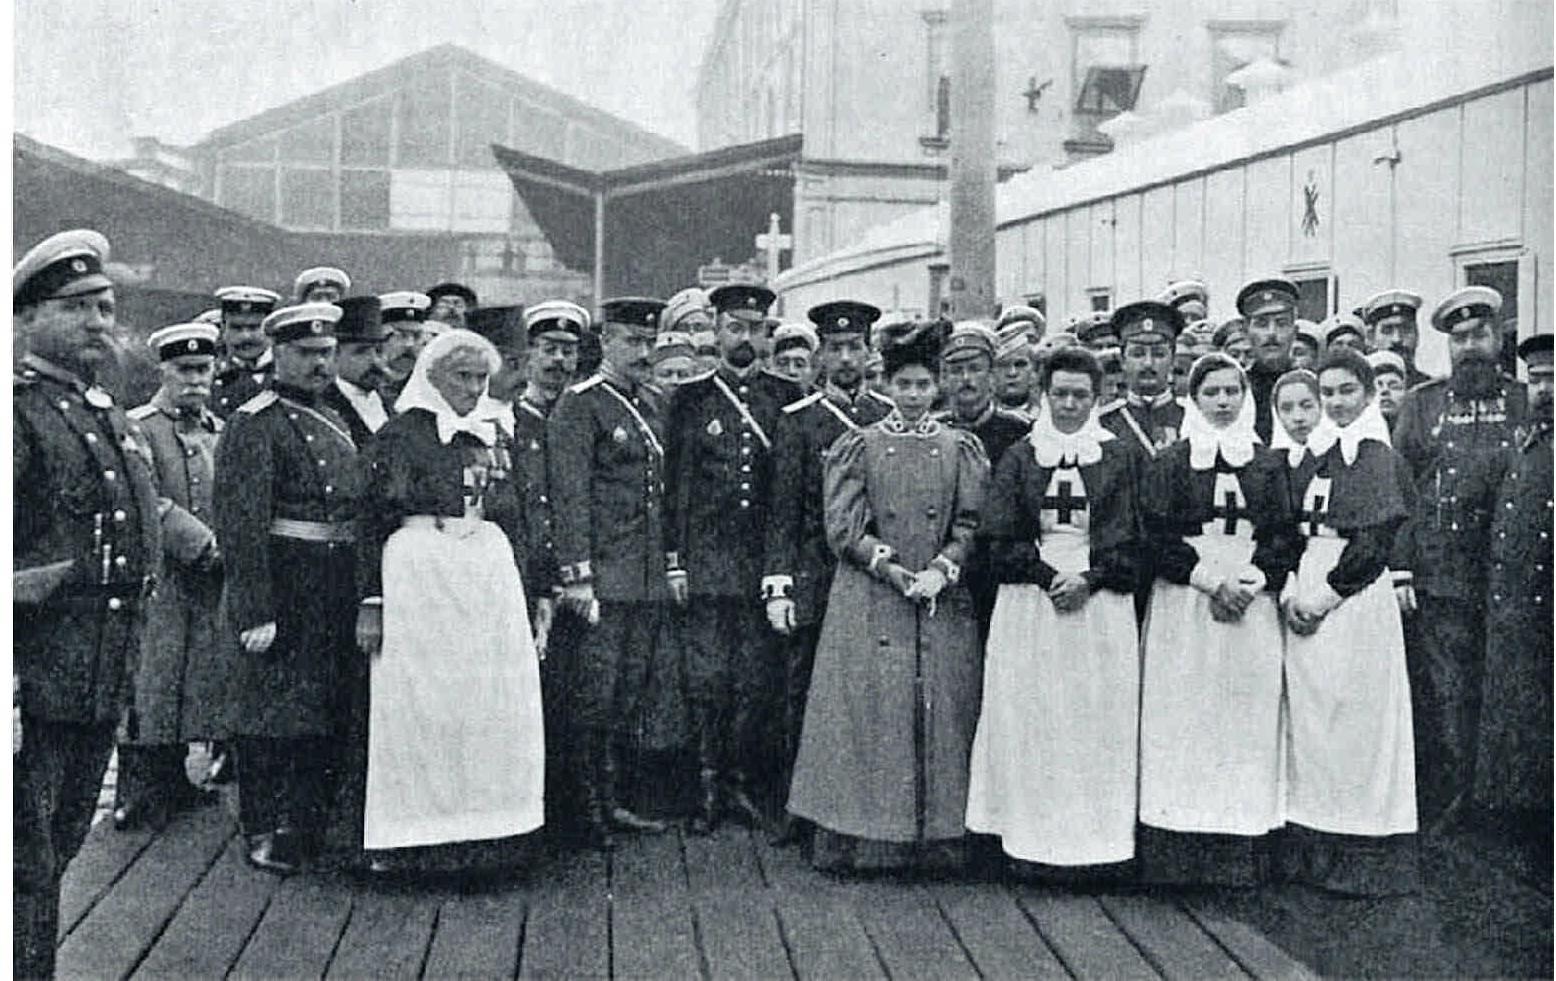 1905. Санитарный поезд им.великой княгини Ксении Александровны. 16 августа